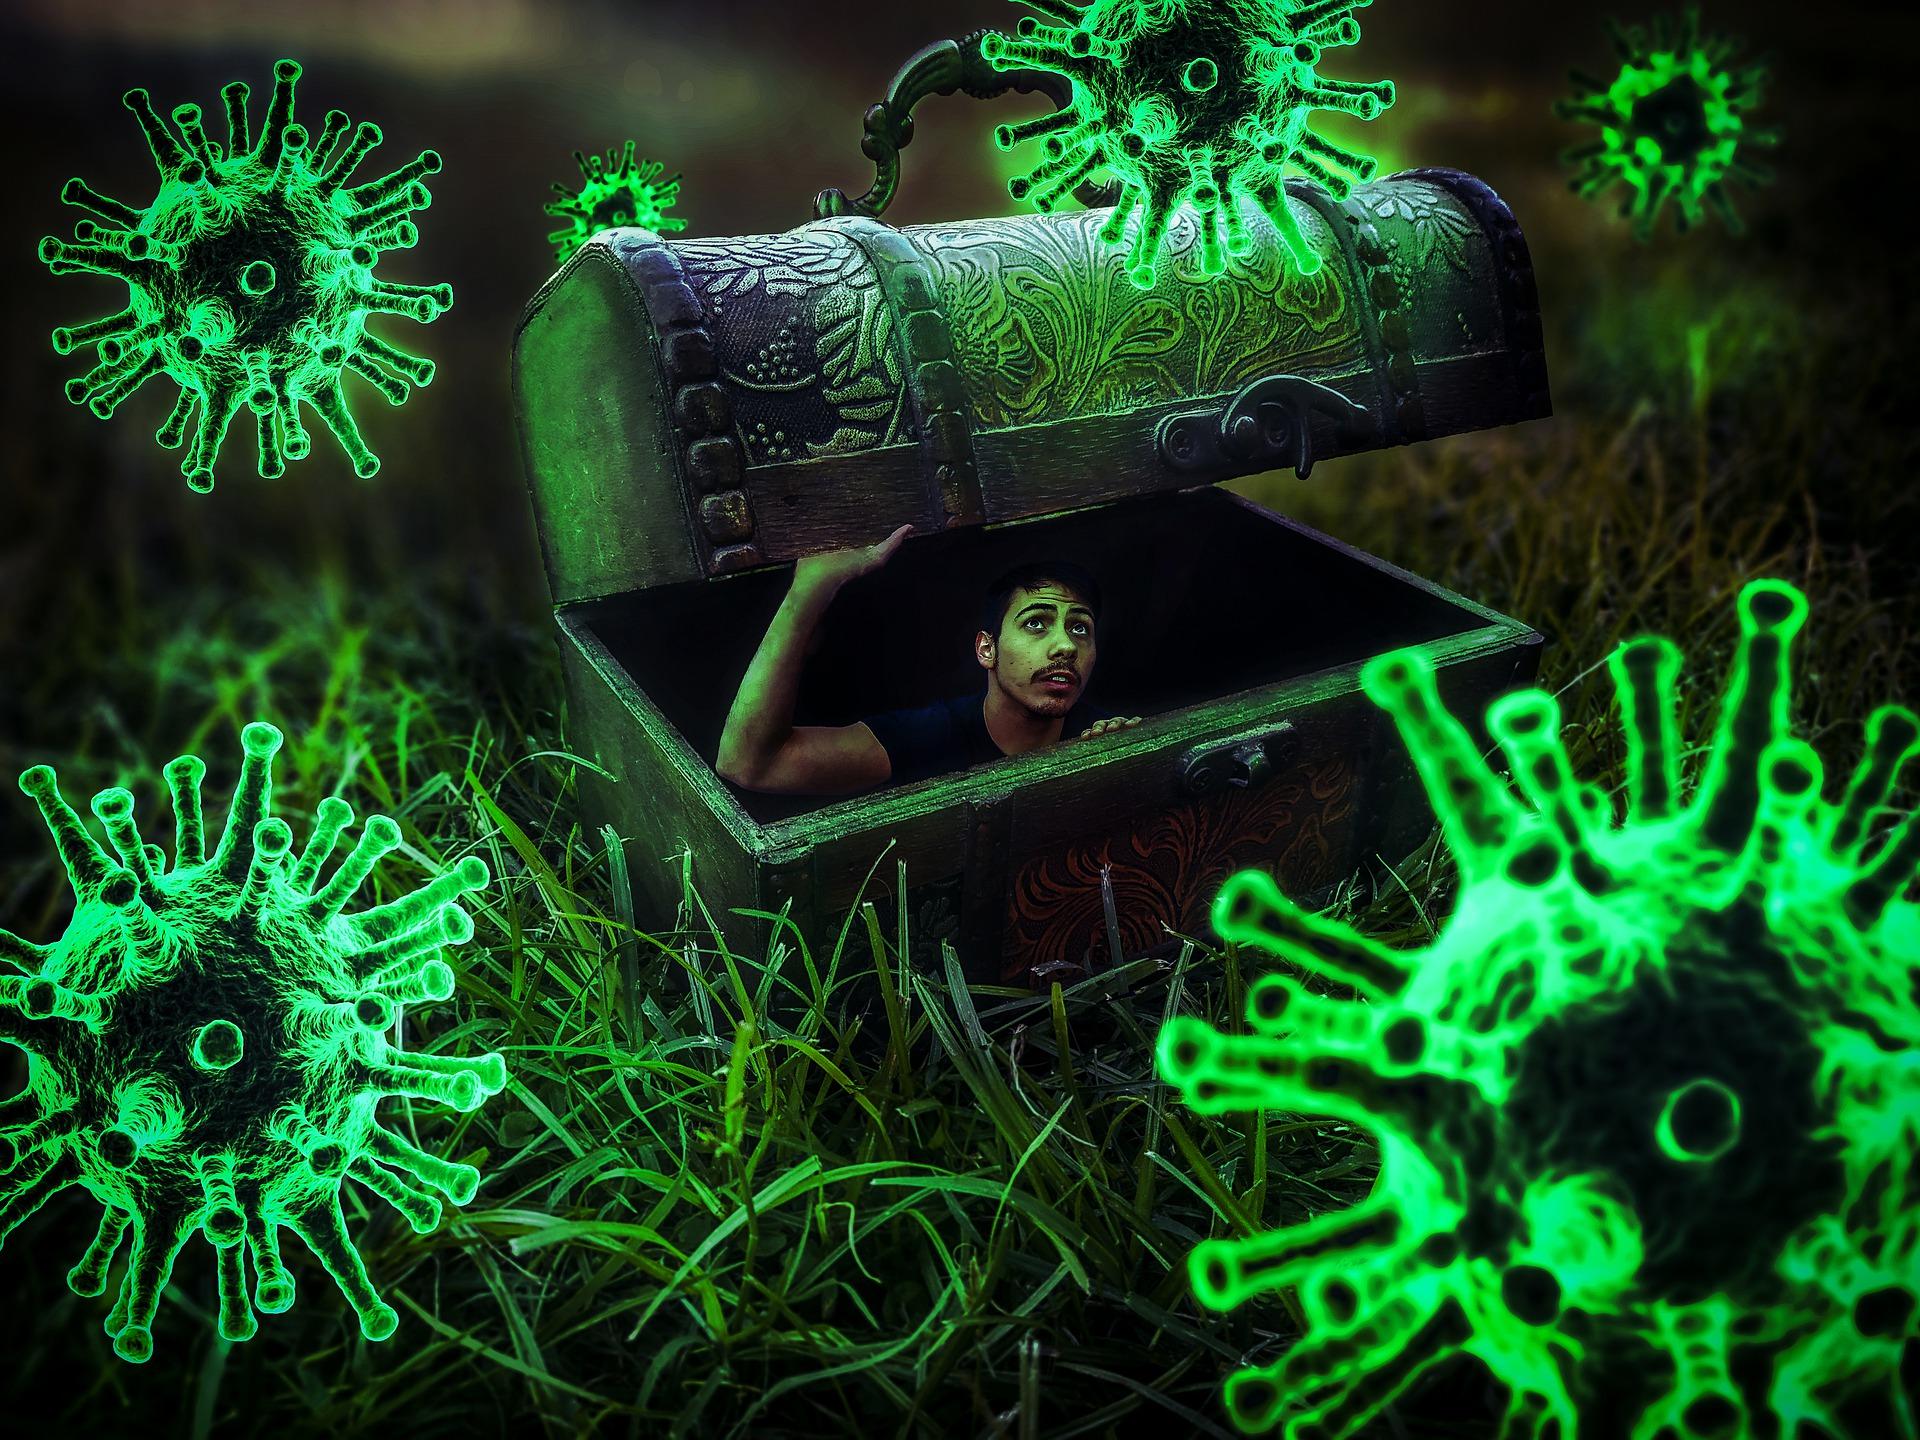 Dr. Blaž Mrevlje o drugem valu epidemije: »Če se motim jaz, bo še najmanj škode.«